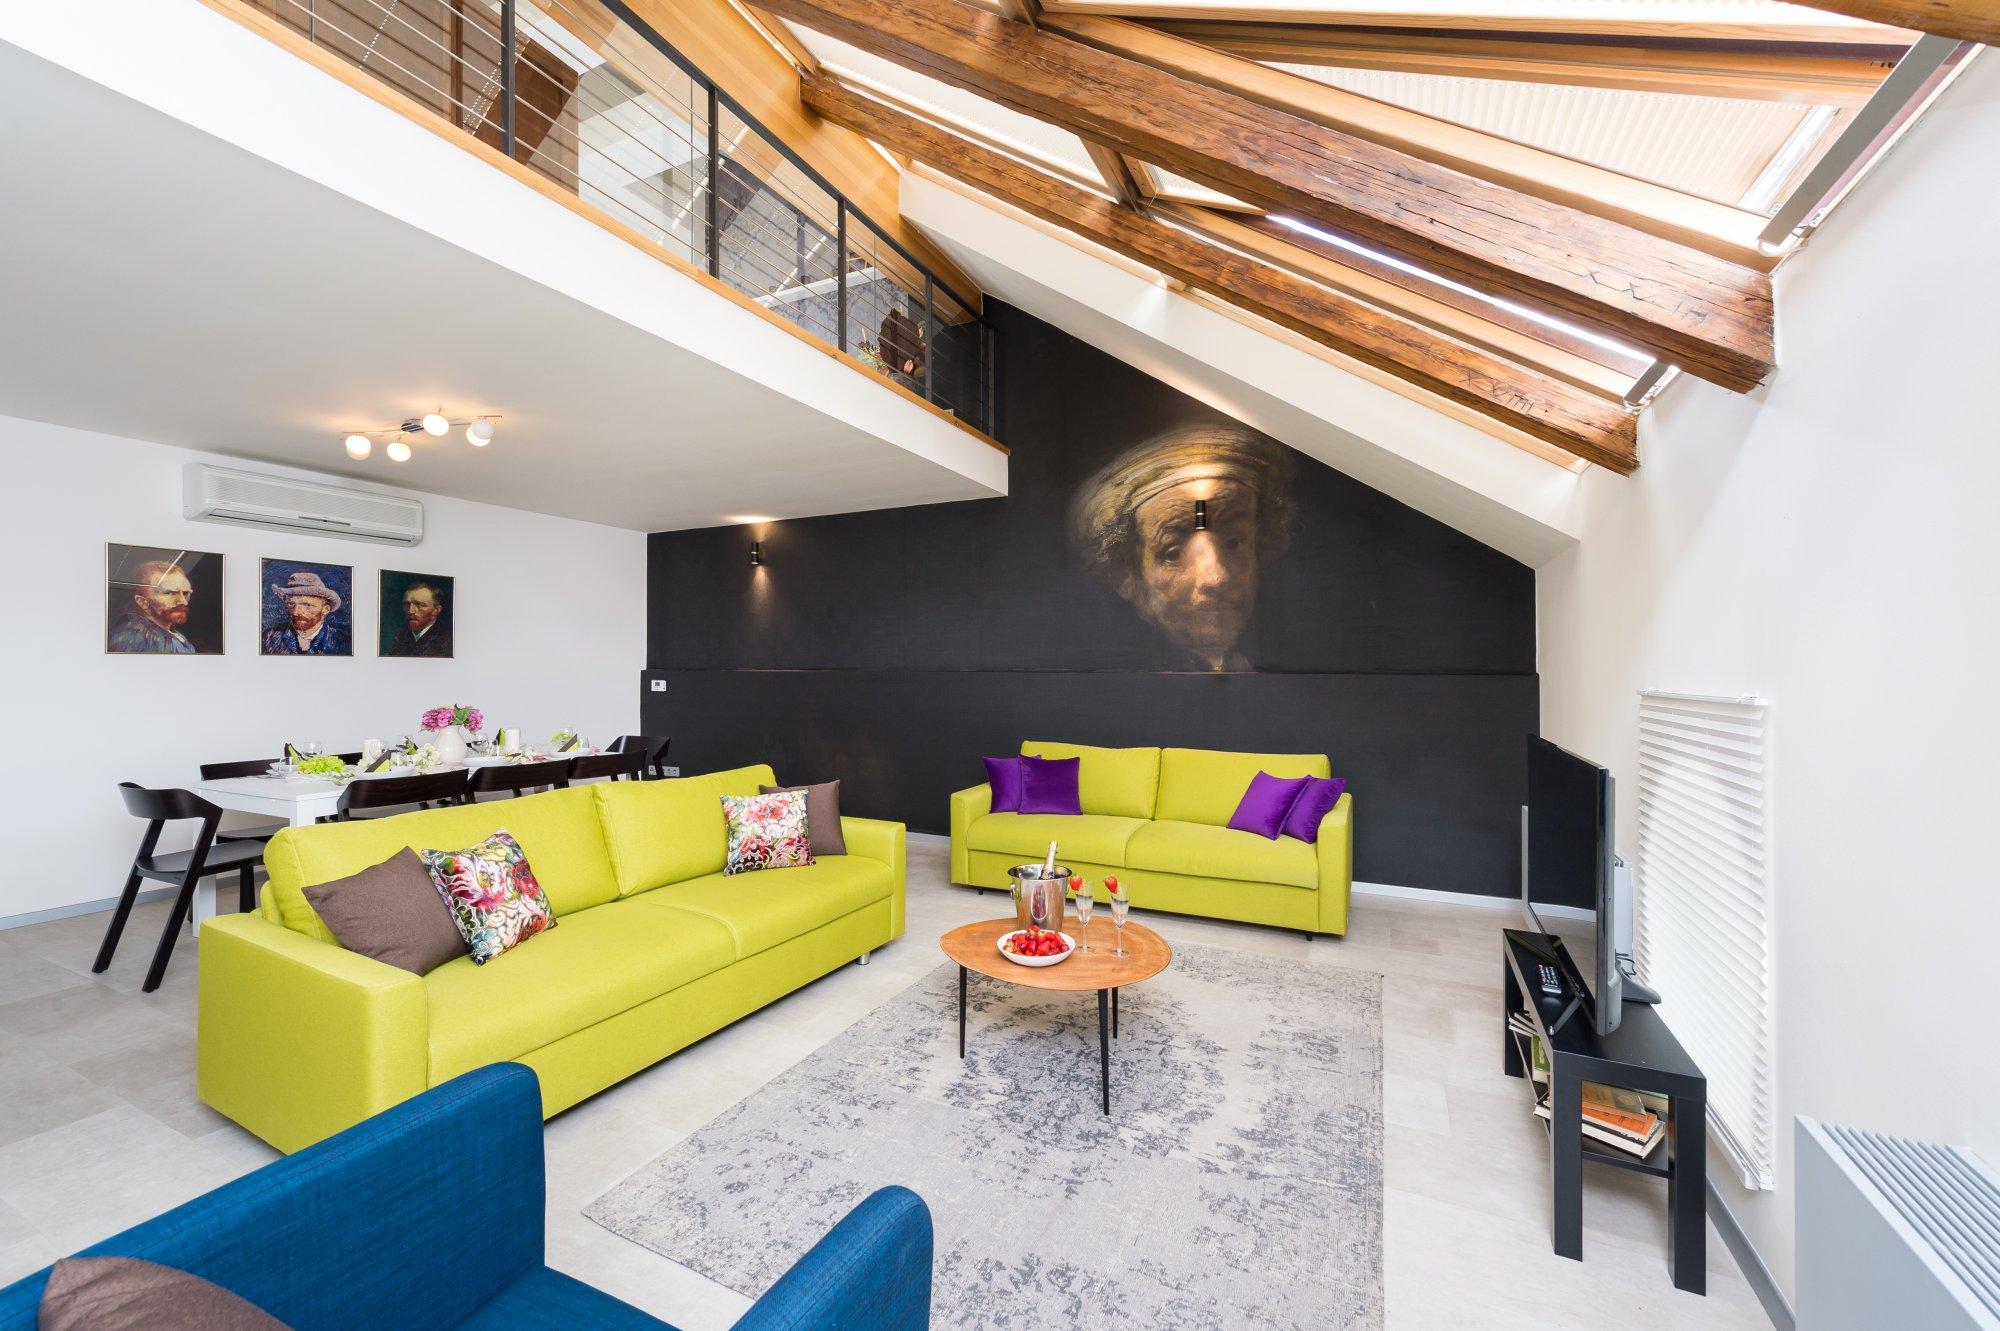 Půdní byt 5+kk, plocha 141 m², ulice U Půjčovny, Praha 1 - Nové Město | 2